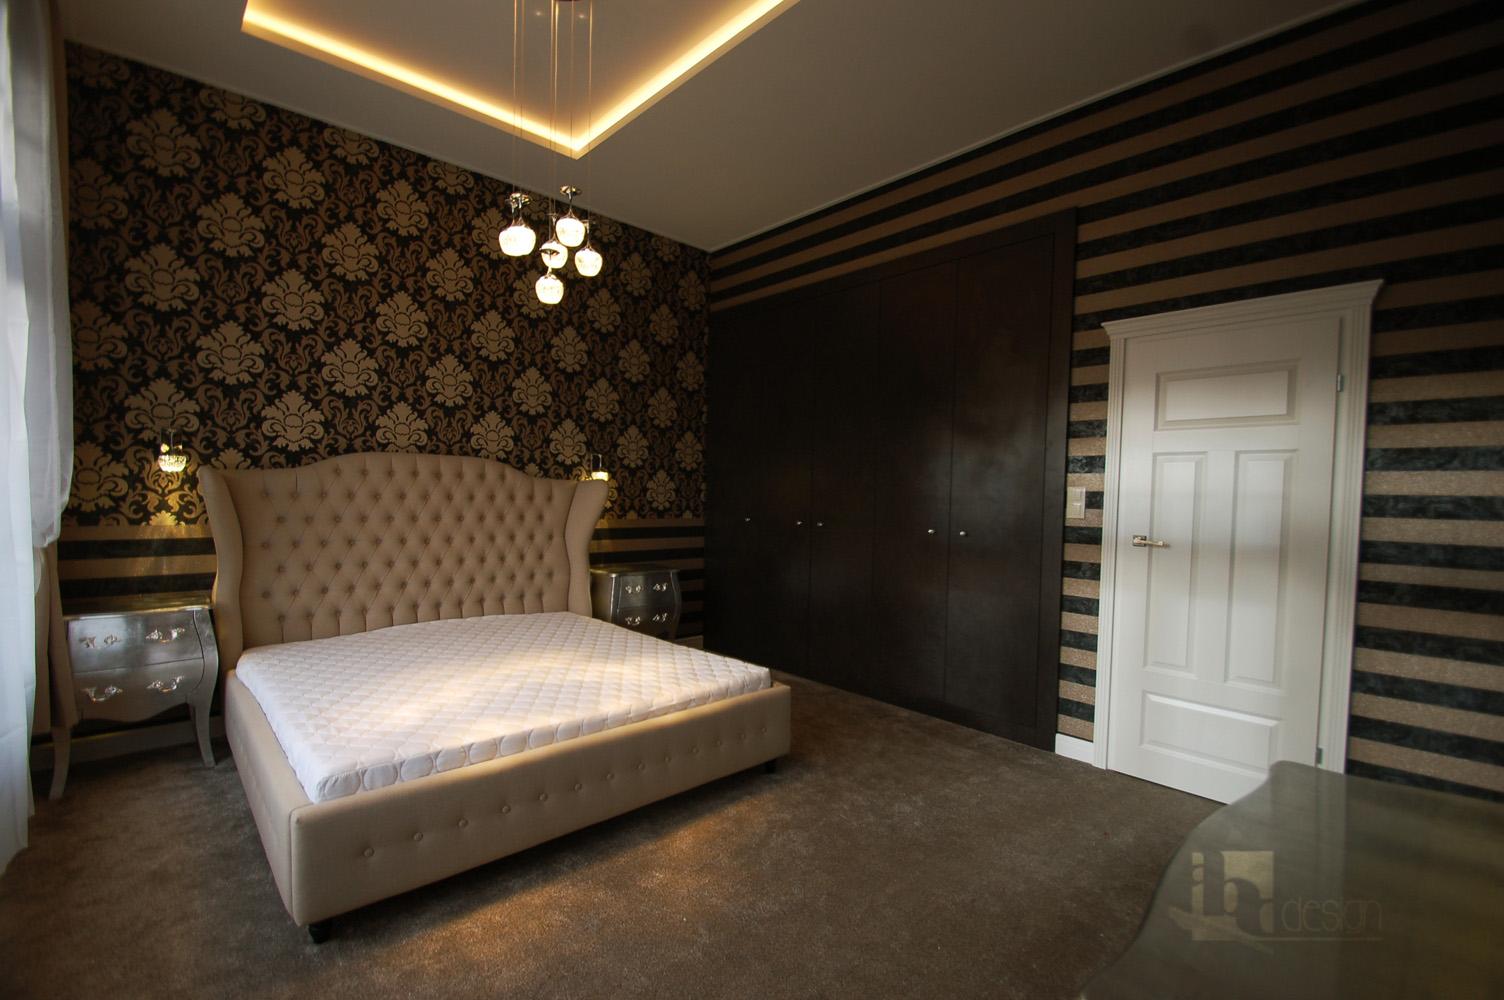 sypialnia glamour (2)